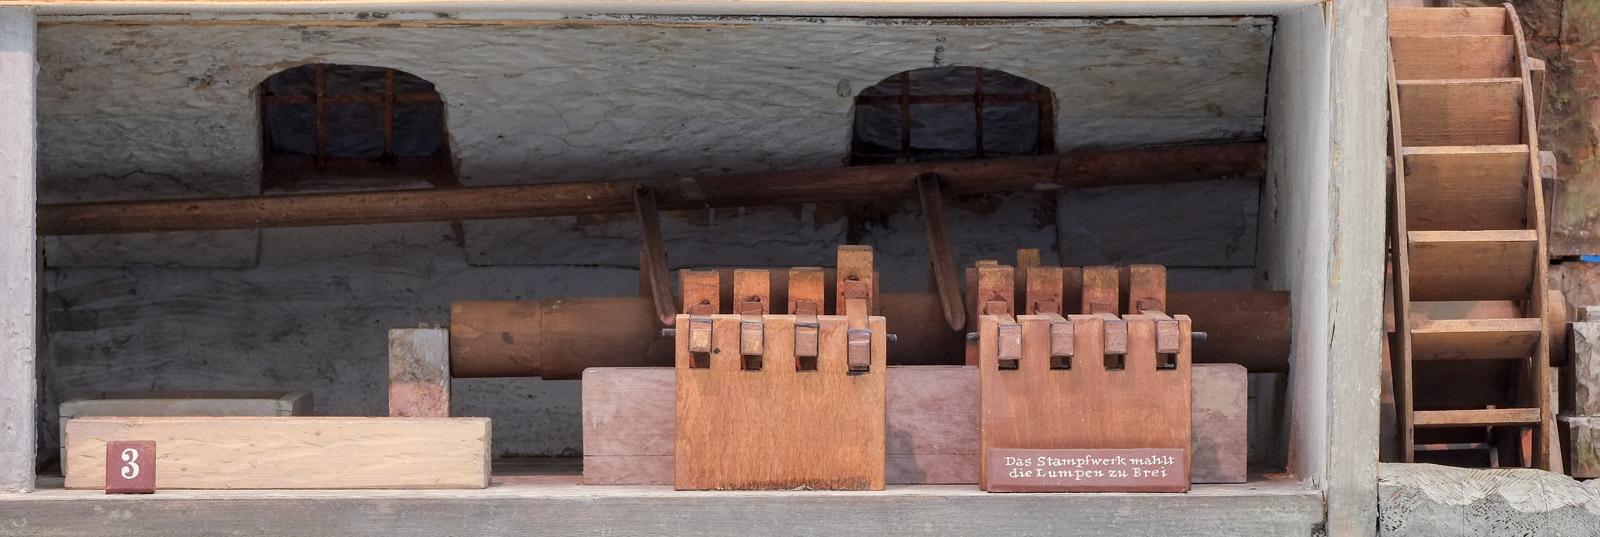 Papiermühle: Im Stampfwerk werden die Lumpen zerfasert